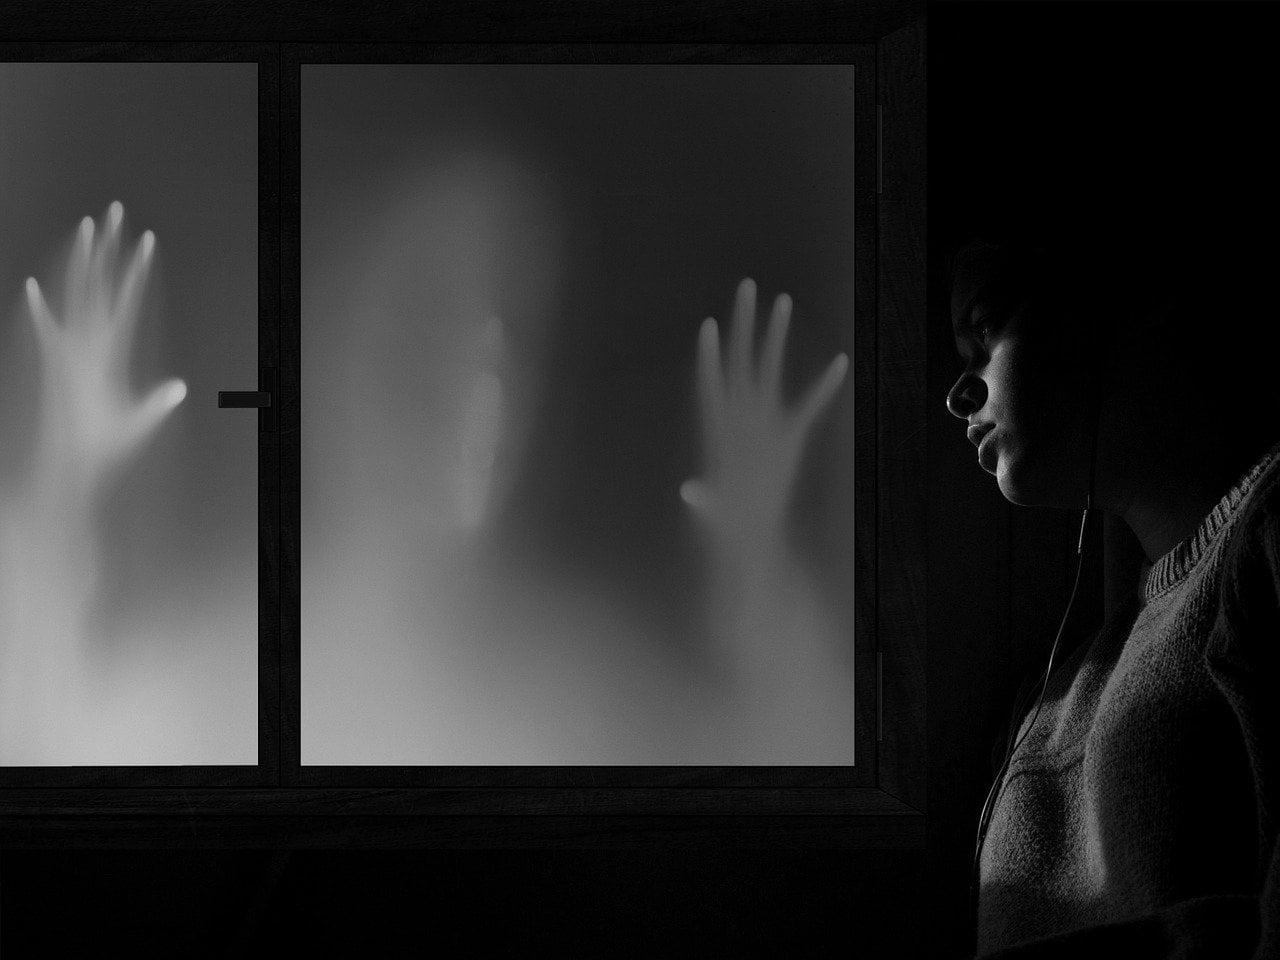 Домашнее насилие калечит личность.